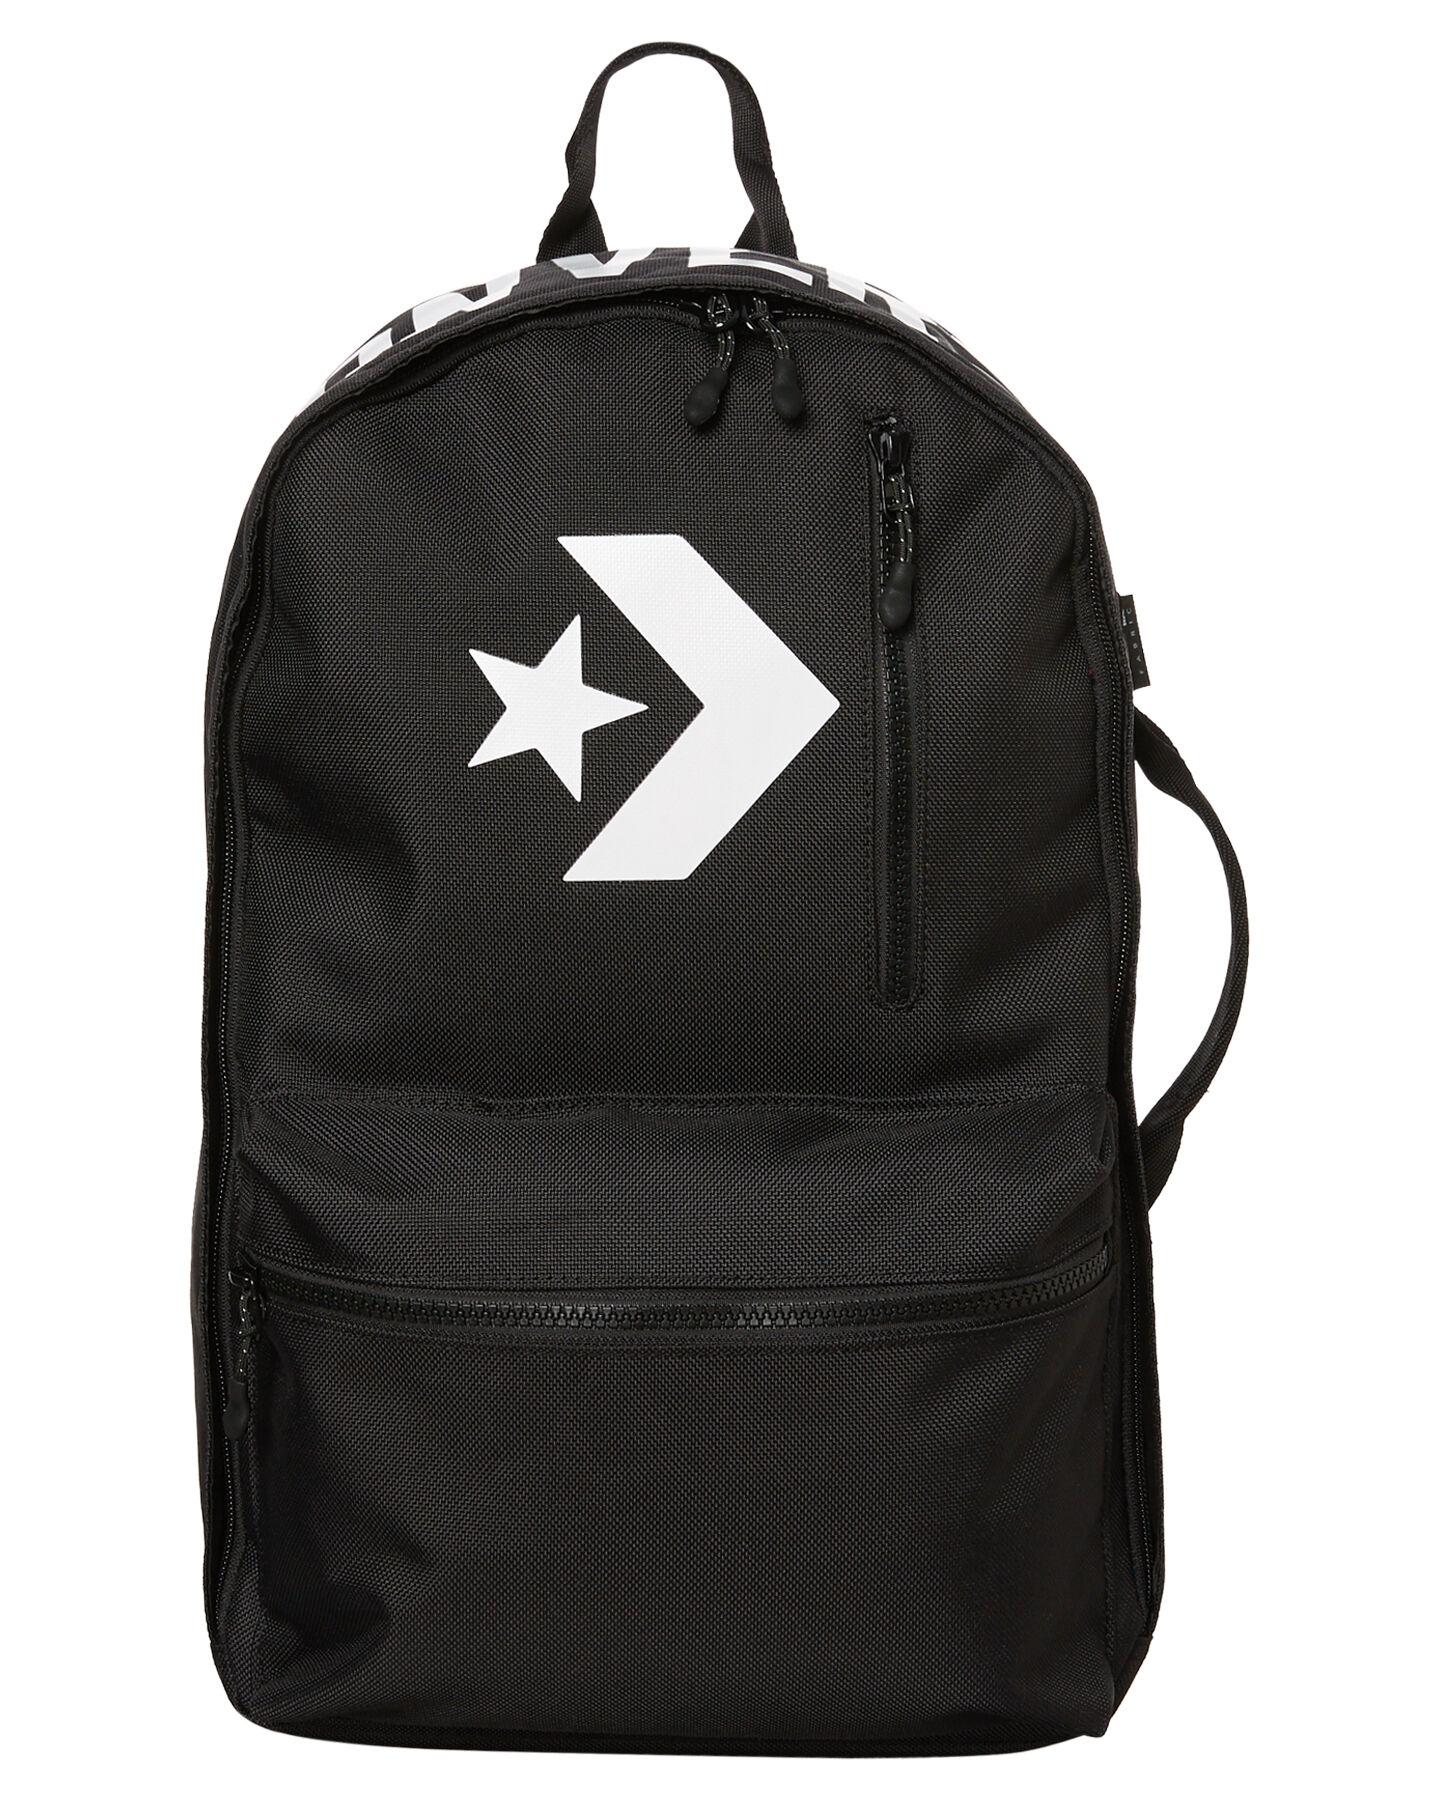 converse handbag